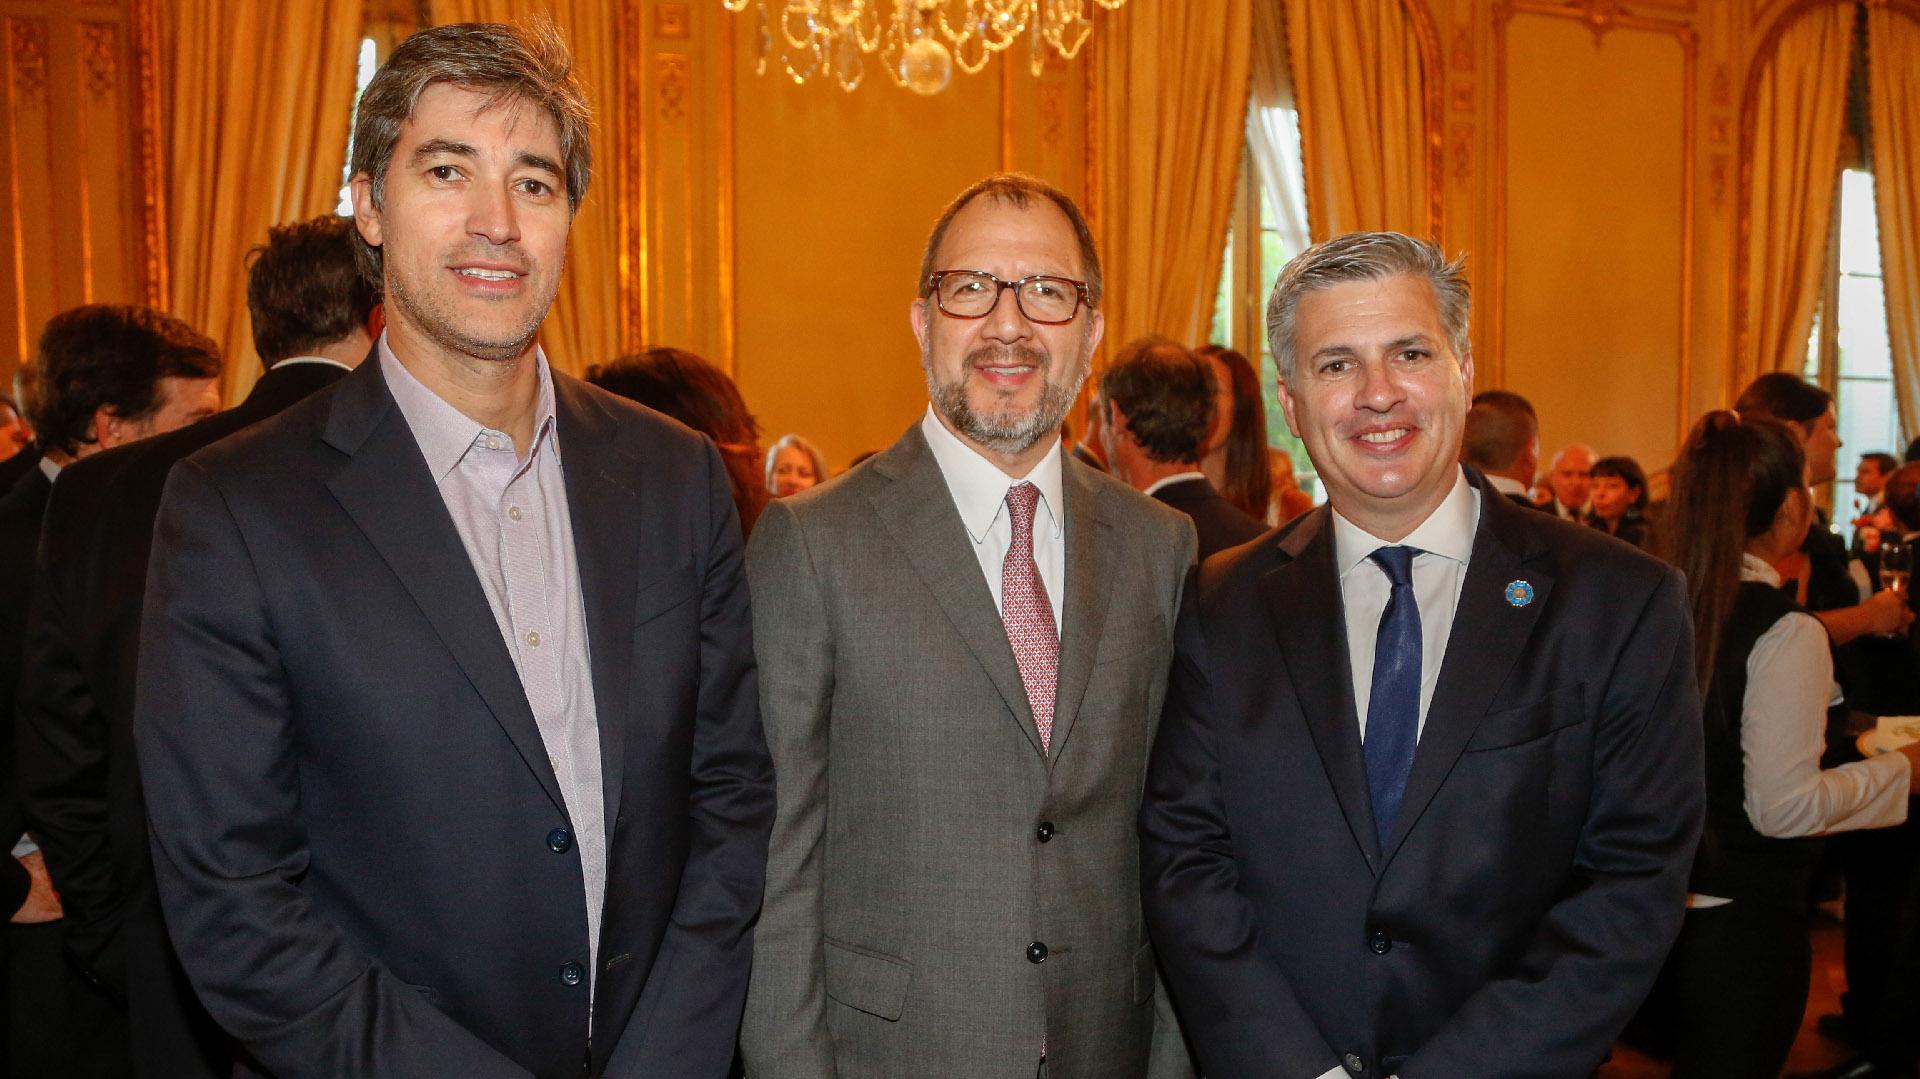 Adrián Pérez, Fabián Perechodnik y Marcelo Scaglione